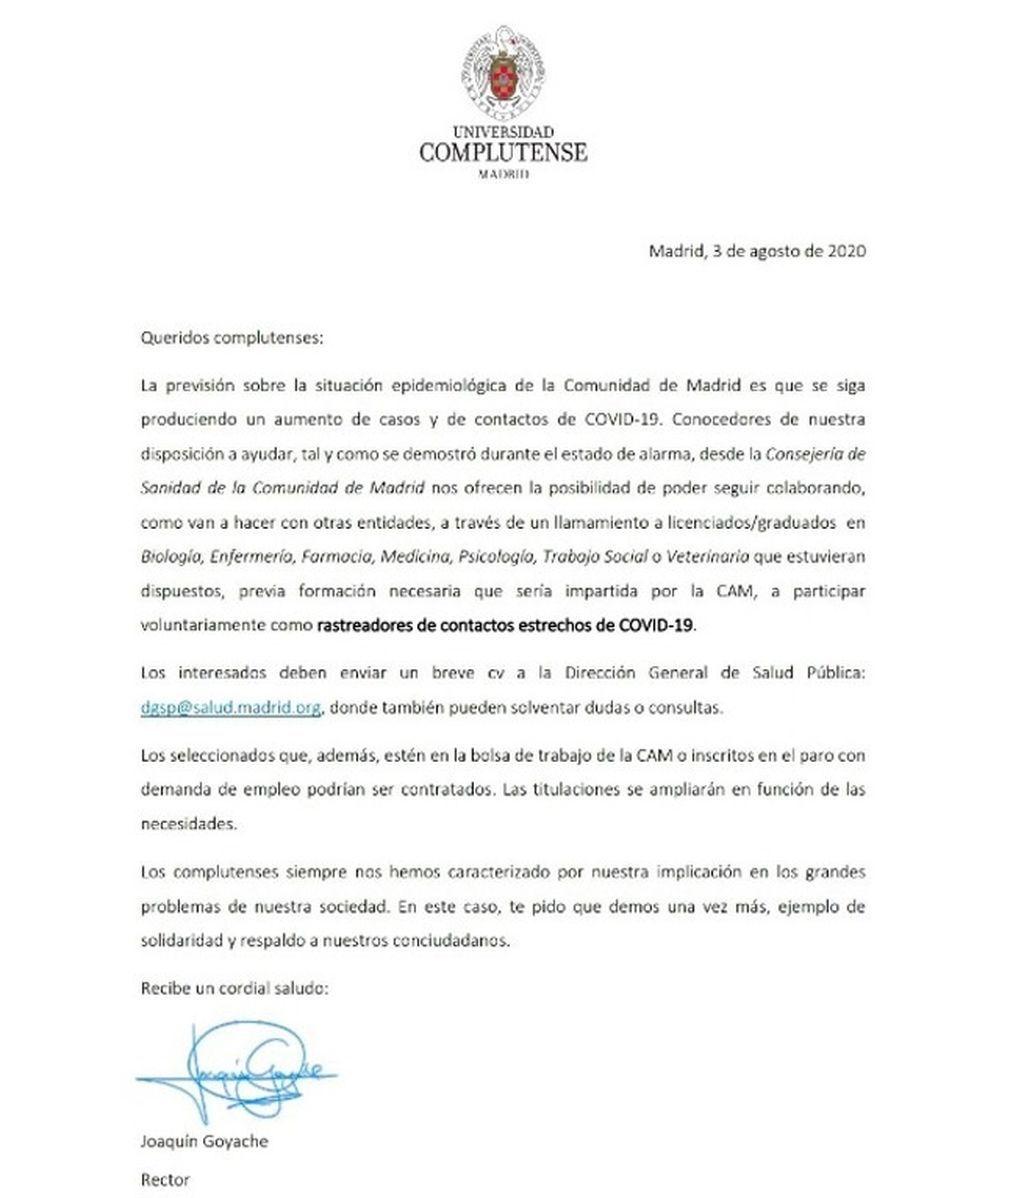 Madrid busca rastreadores voluntarios entre los estudiantes de la Complutense